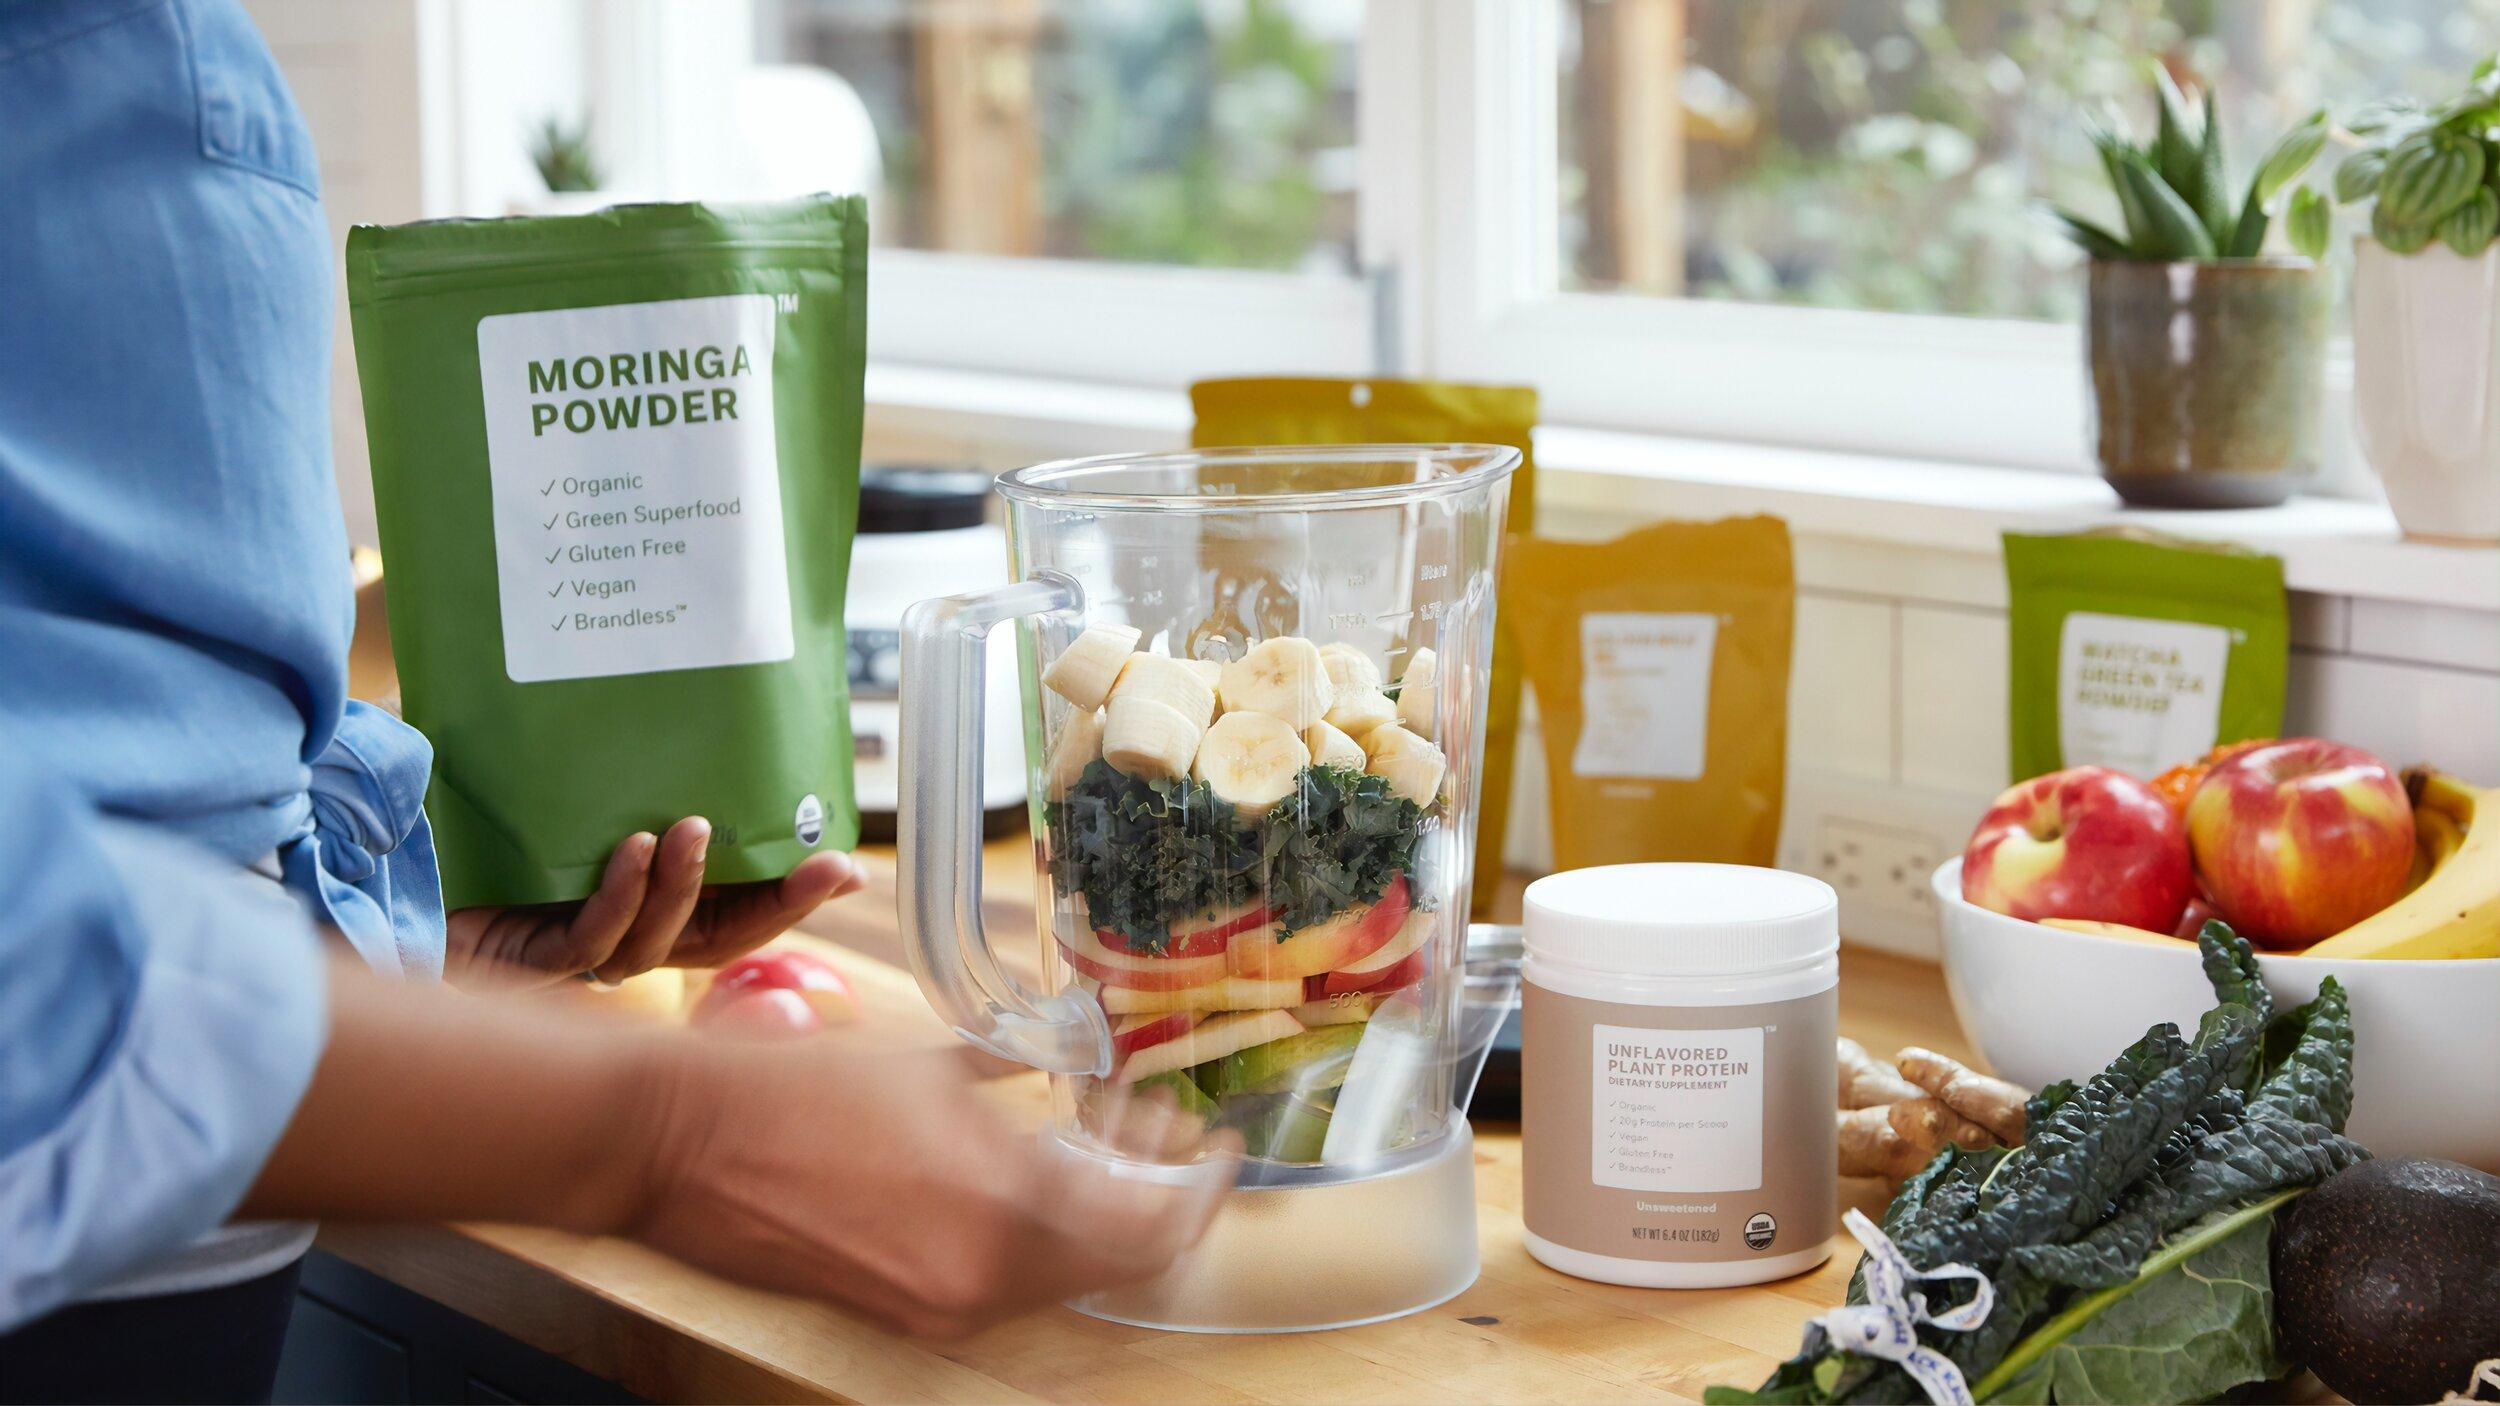 vegan diet supplementation recommendation